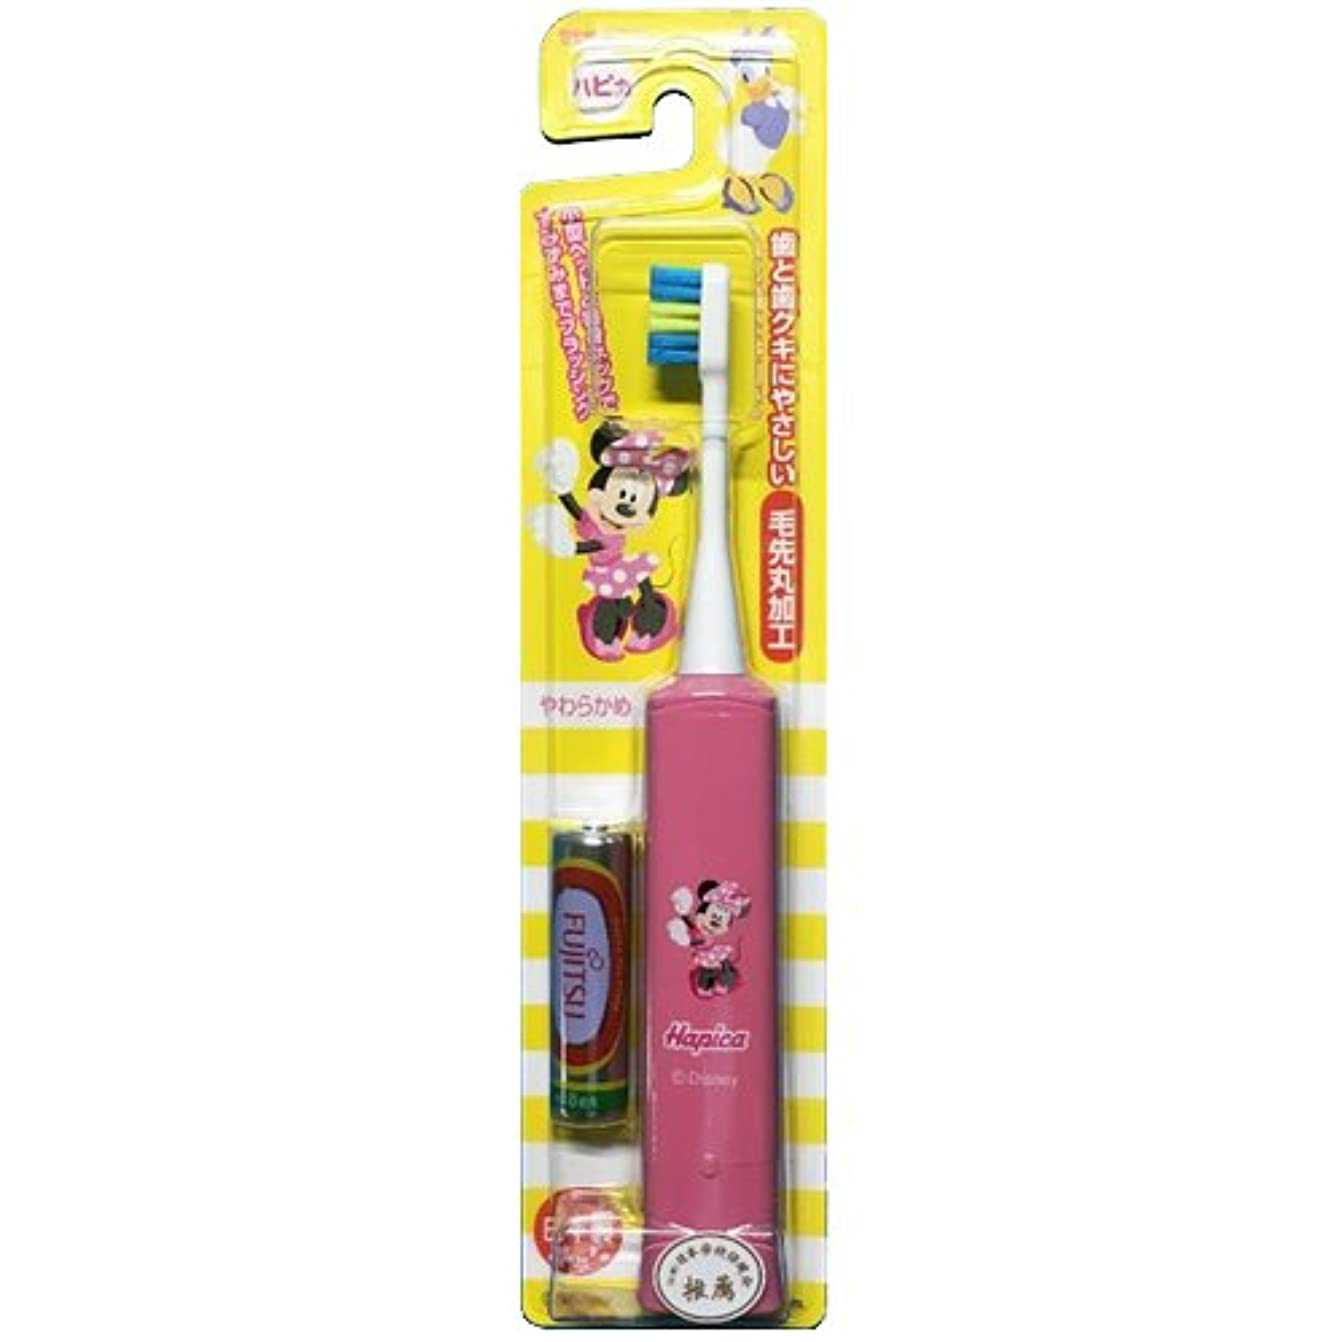 スタイル検索どっちでもミニマム 電動付歯ブラシ こどもハピカ ミニー(ピンク) 毛の硬さ:やわらかめ DBK-5P(MK)